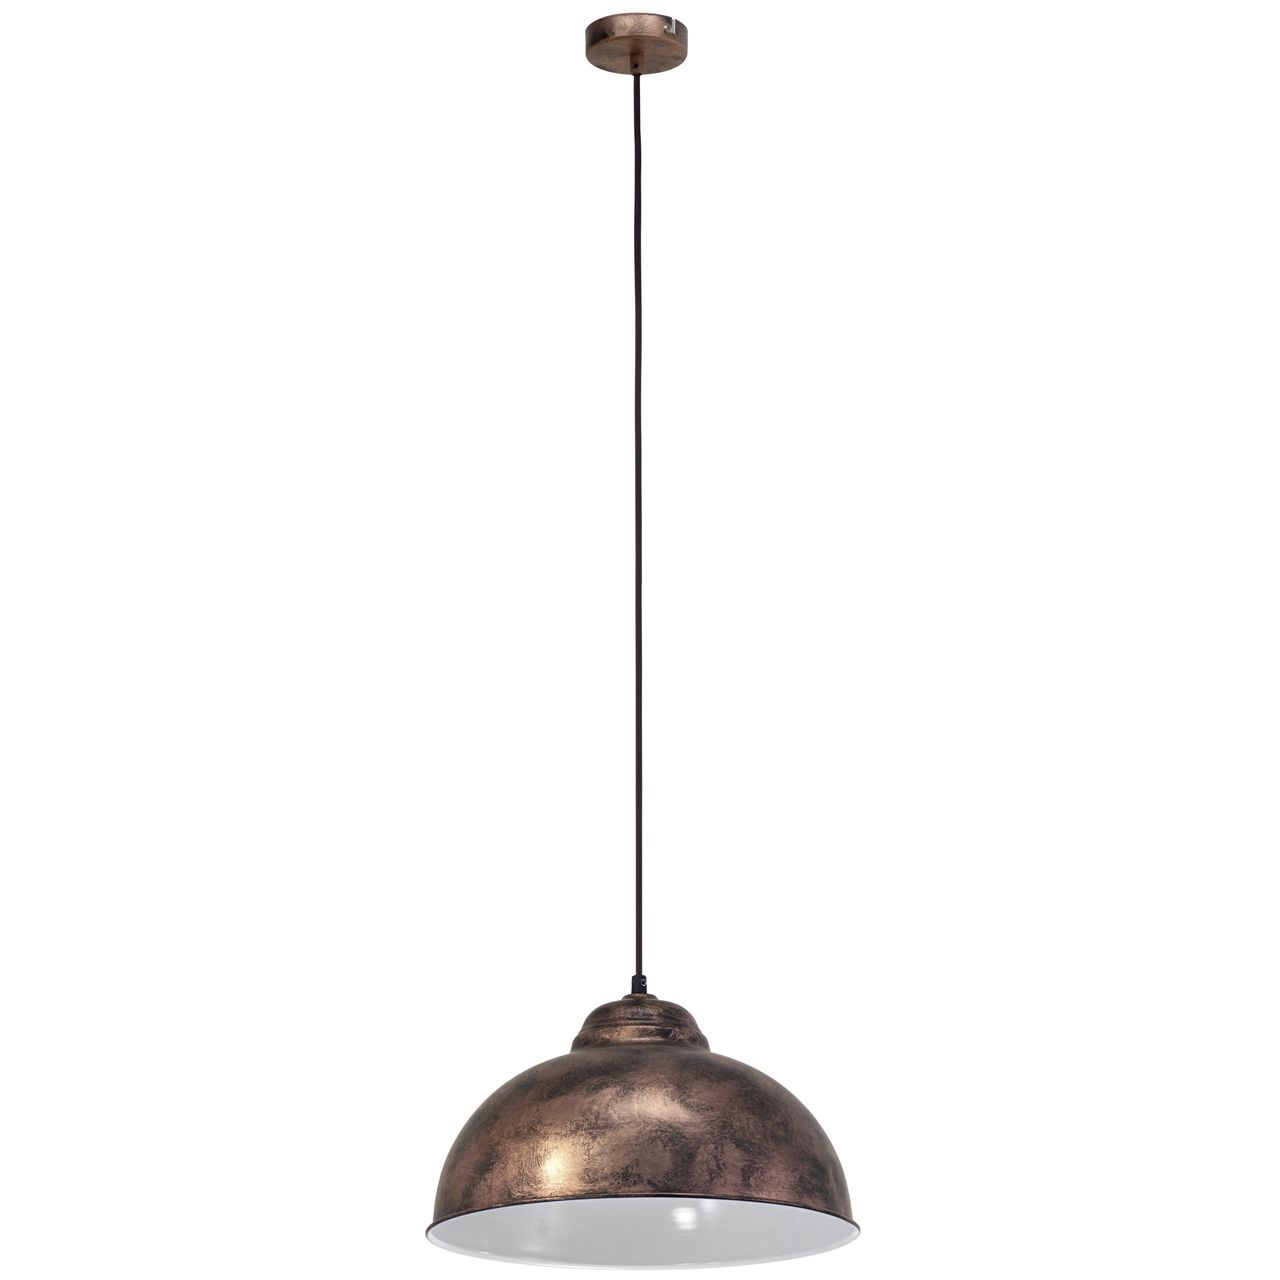 Подвесной светильник Eglo Vintage 49248 подвесной светильник eglo vintage 49244